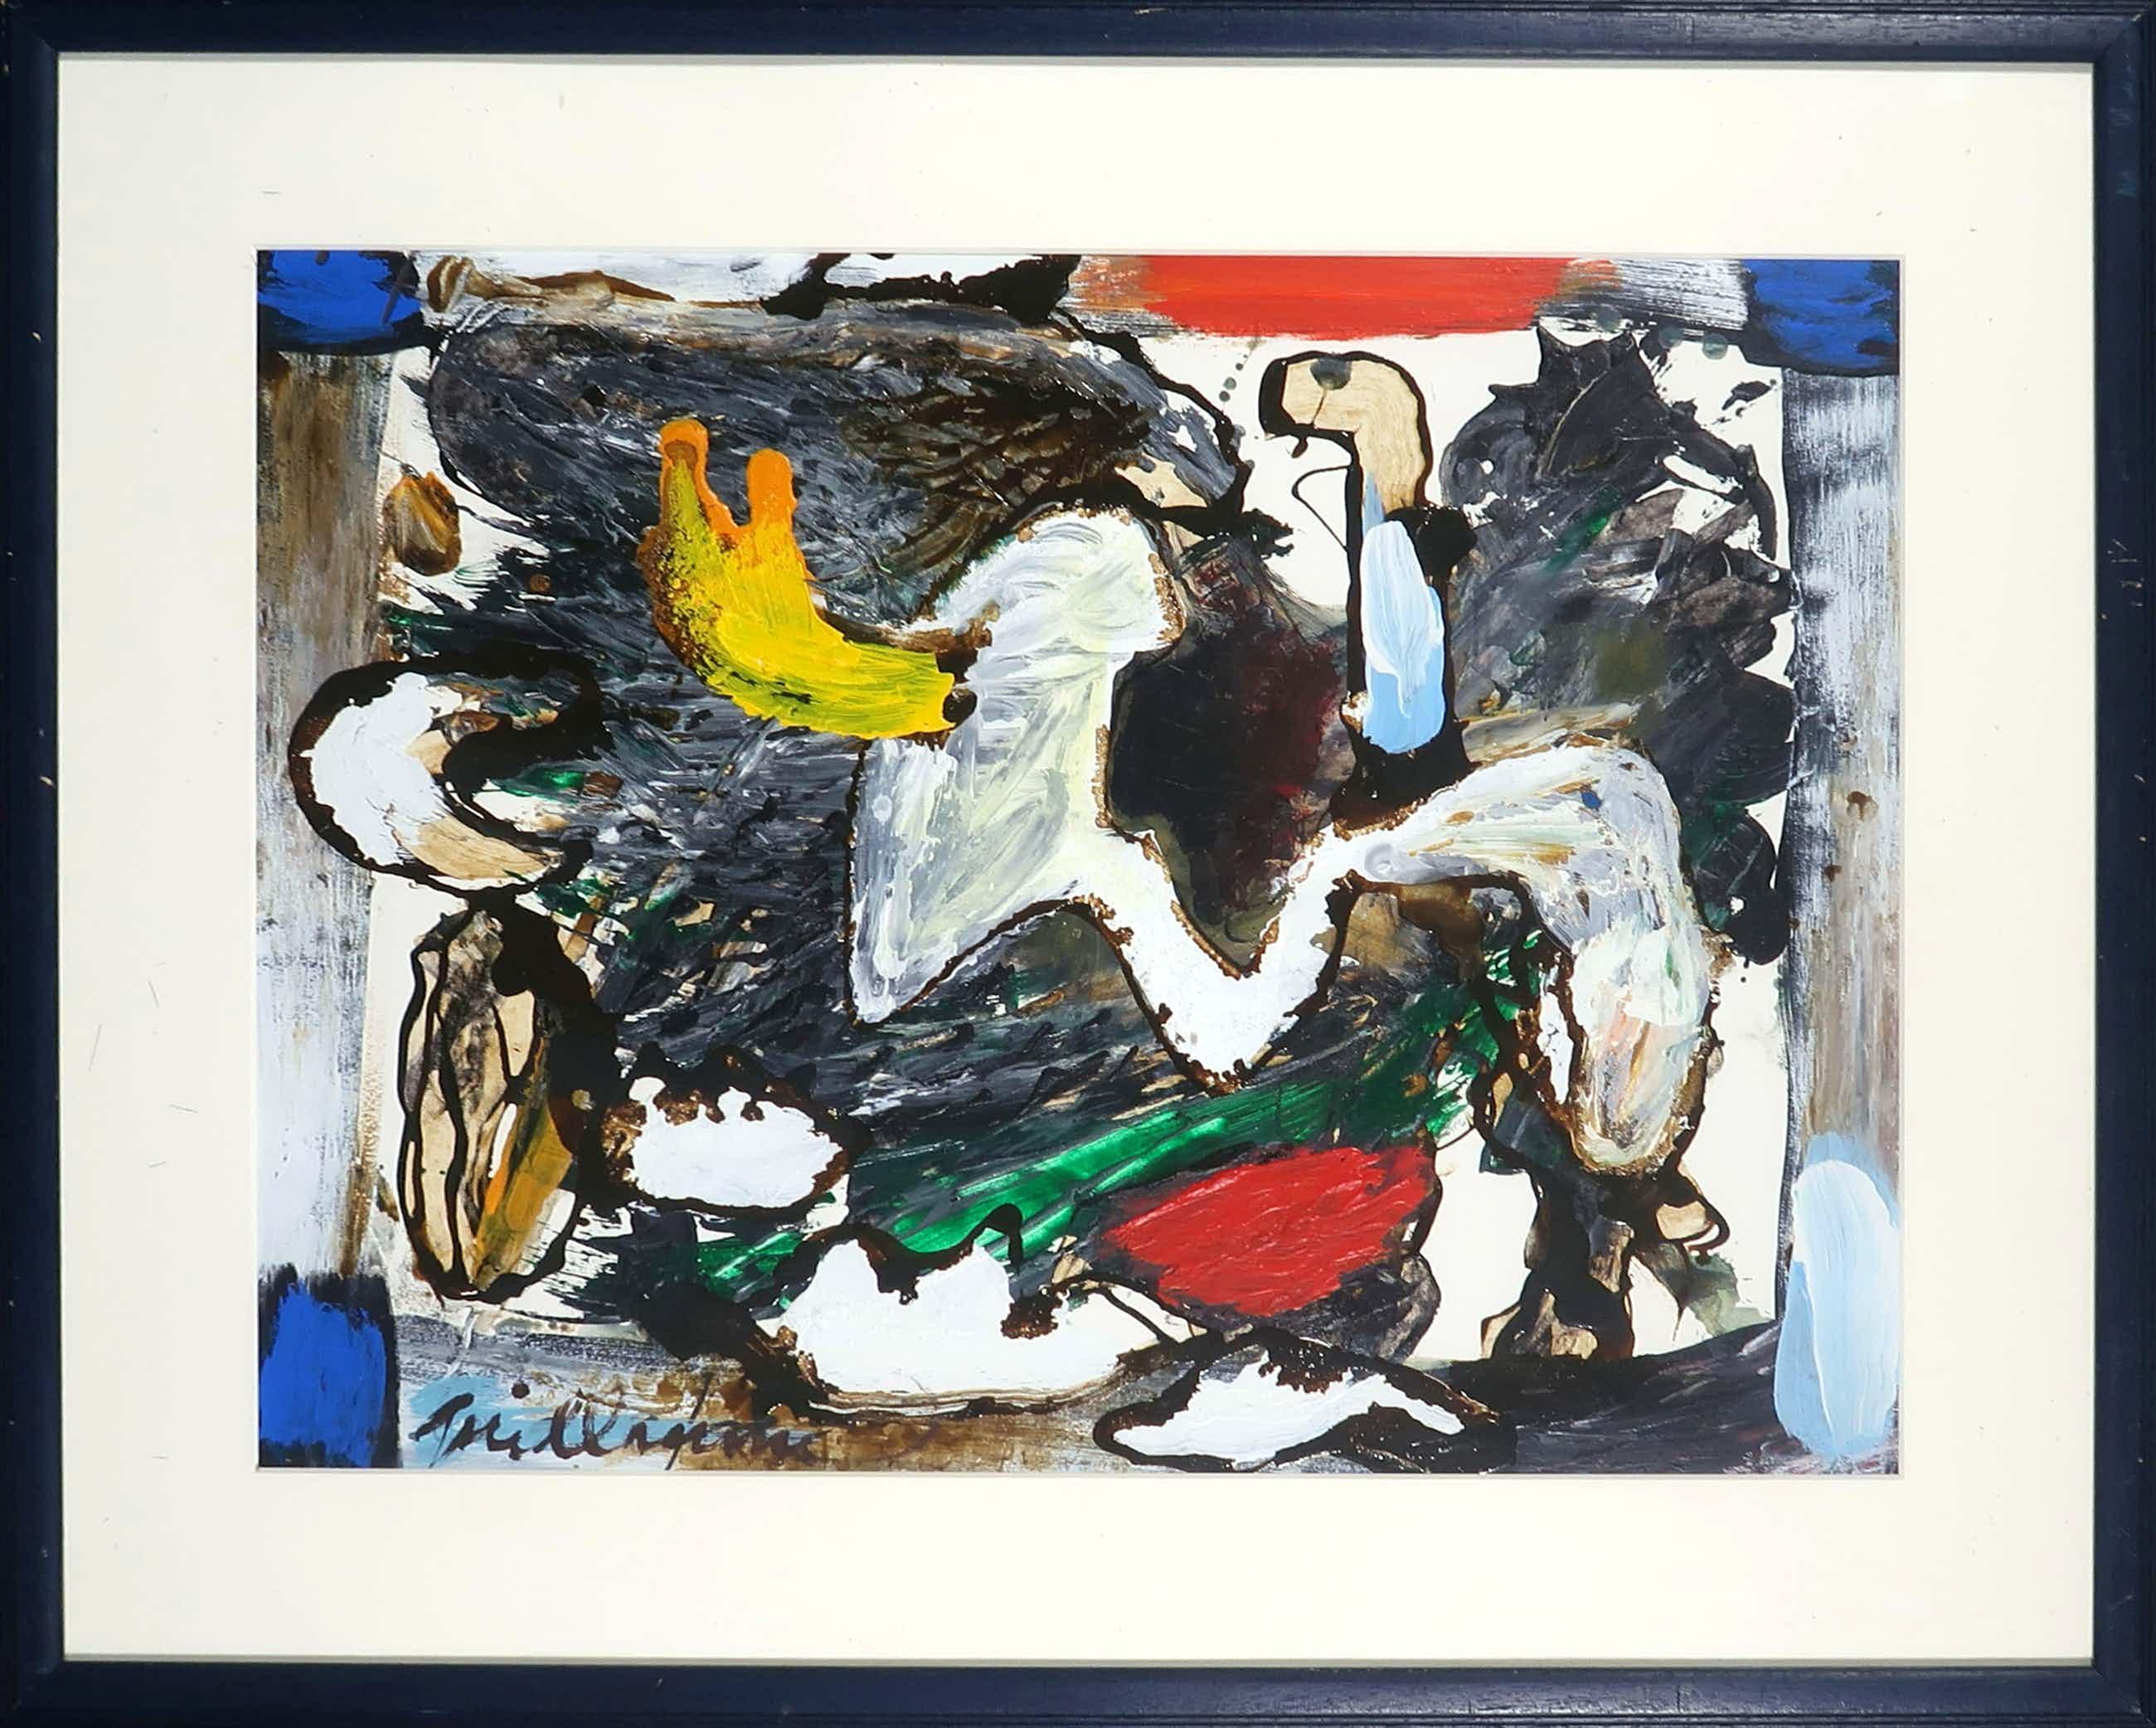 Guillaume Lo-A-Njoe - Olieverf op papier, Abstracte compositie - Ingelijst kopen? Bied vanaf 70!